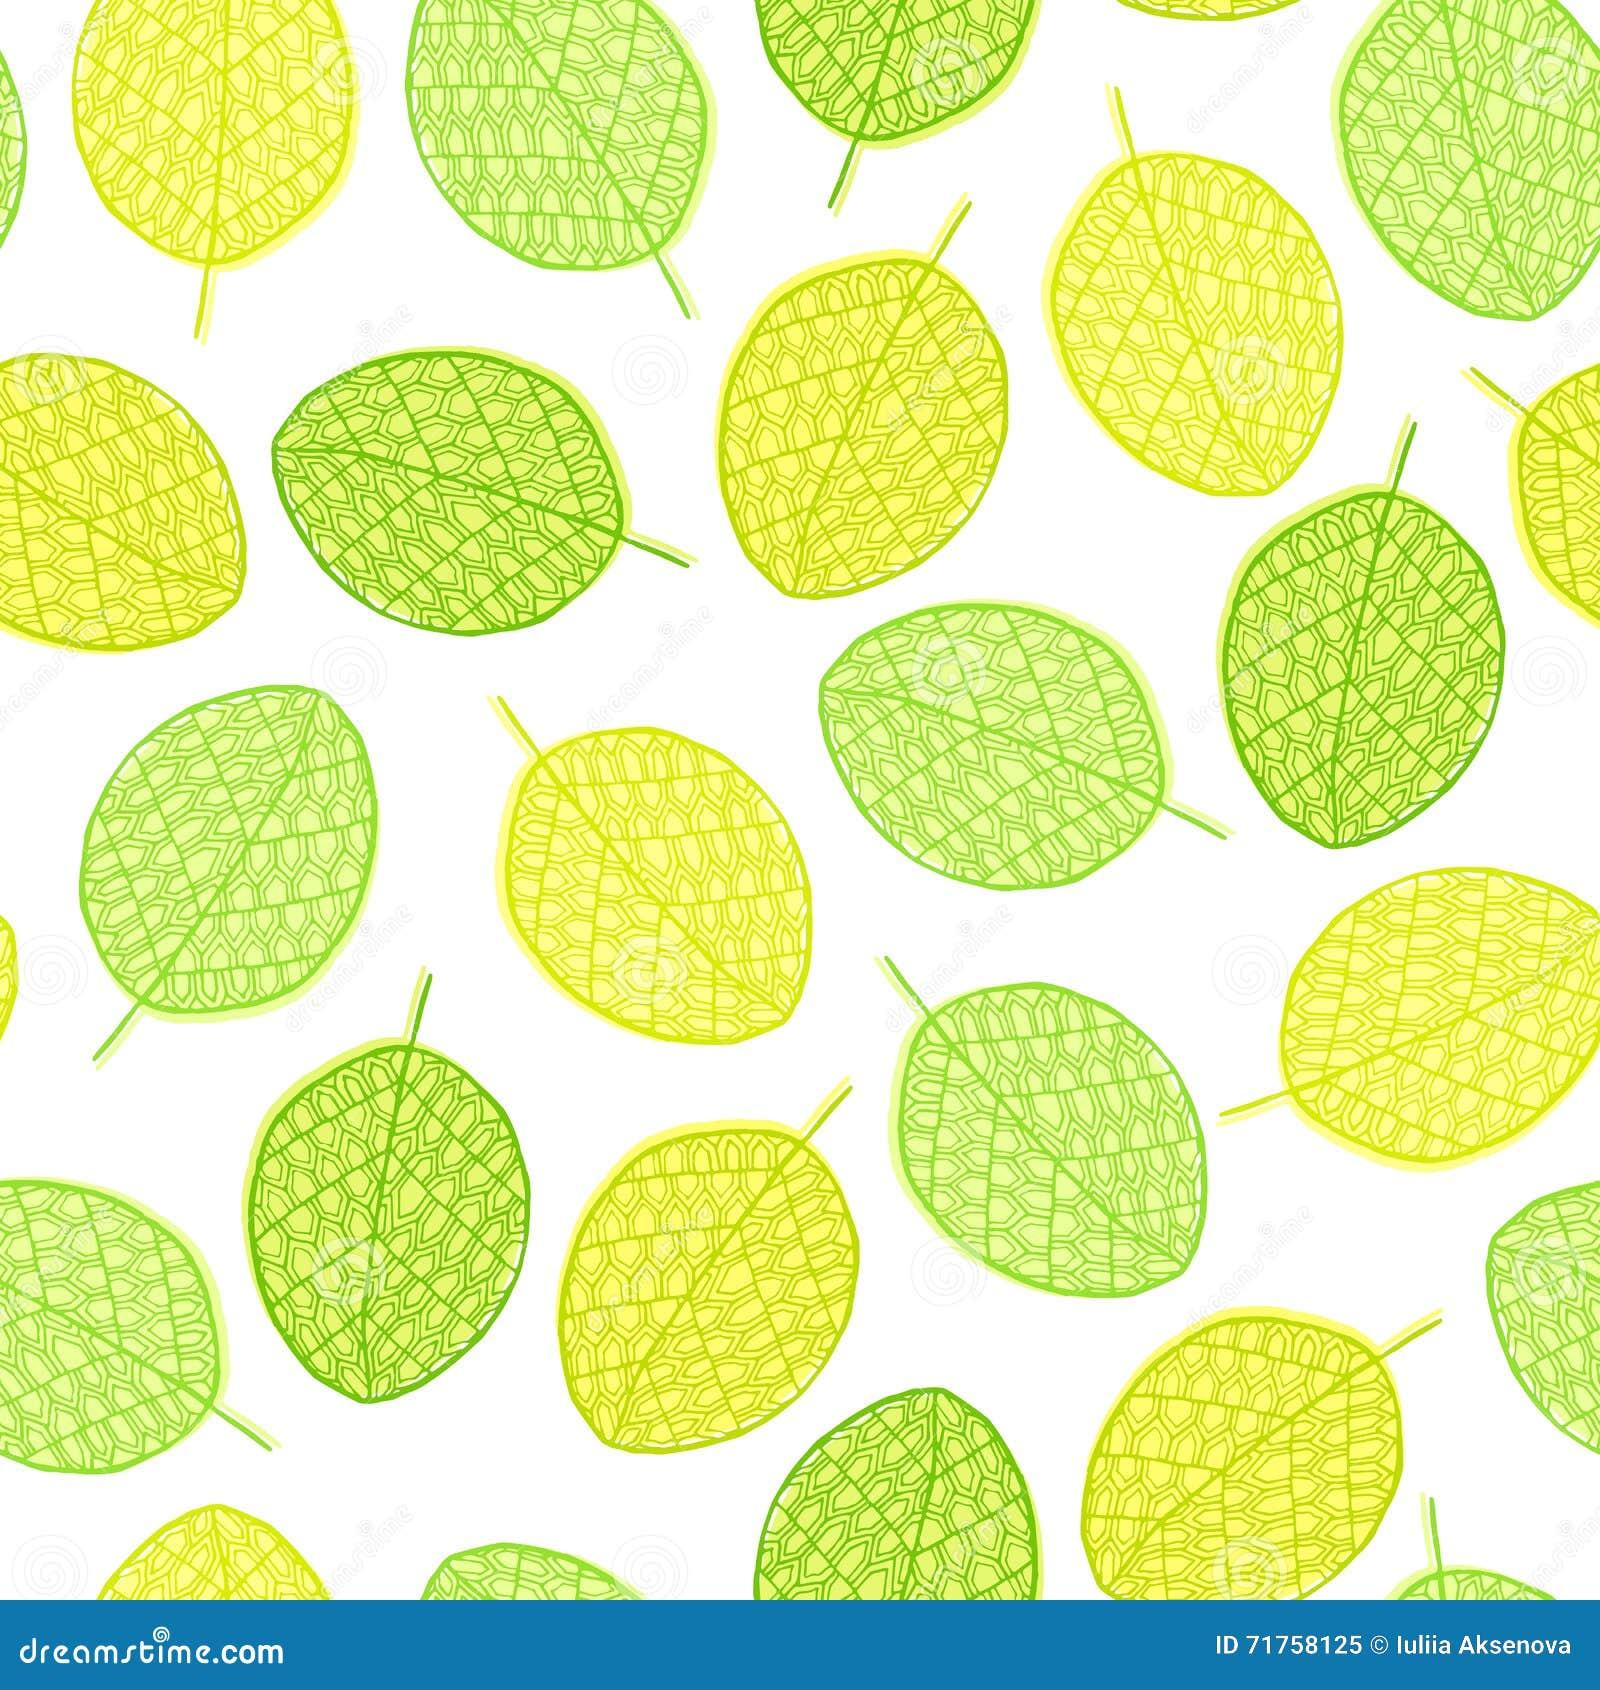 Διανυσματικό γραφικό άνευ ραφής σχέδιο από τα φύλλα σκιαγραφιών